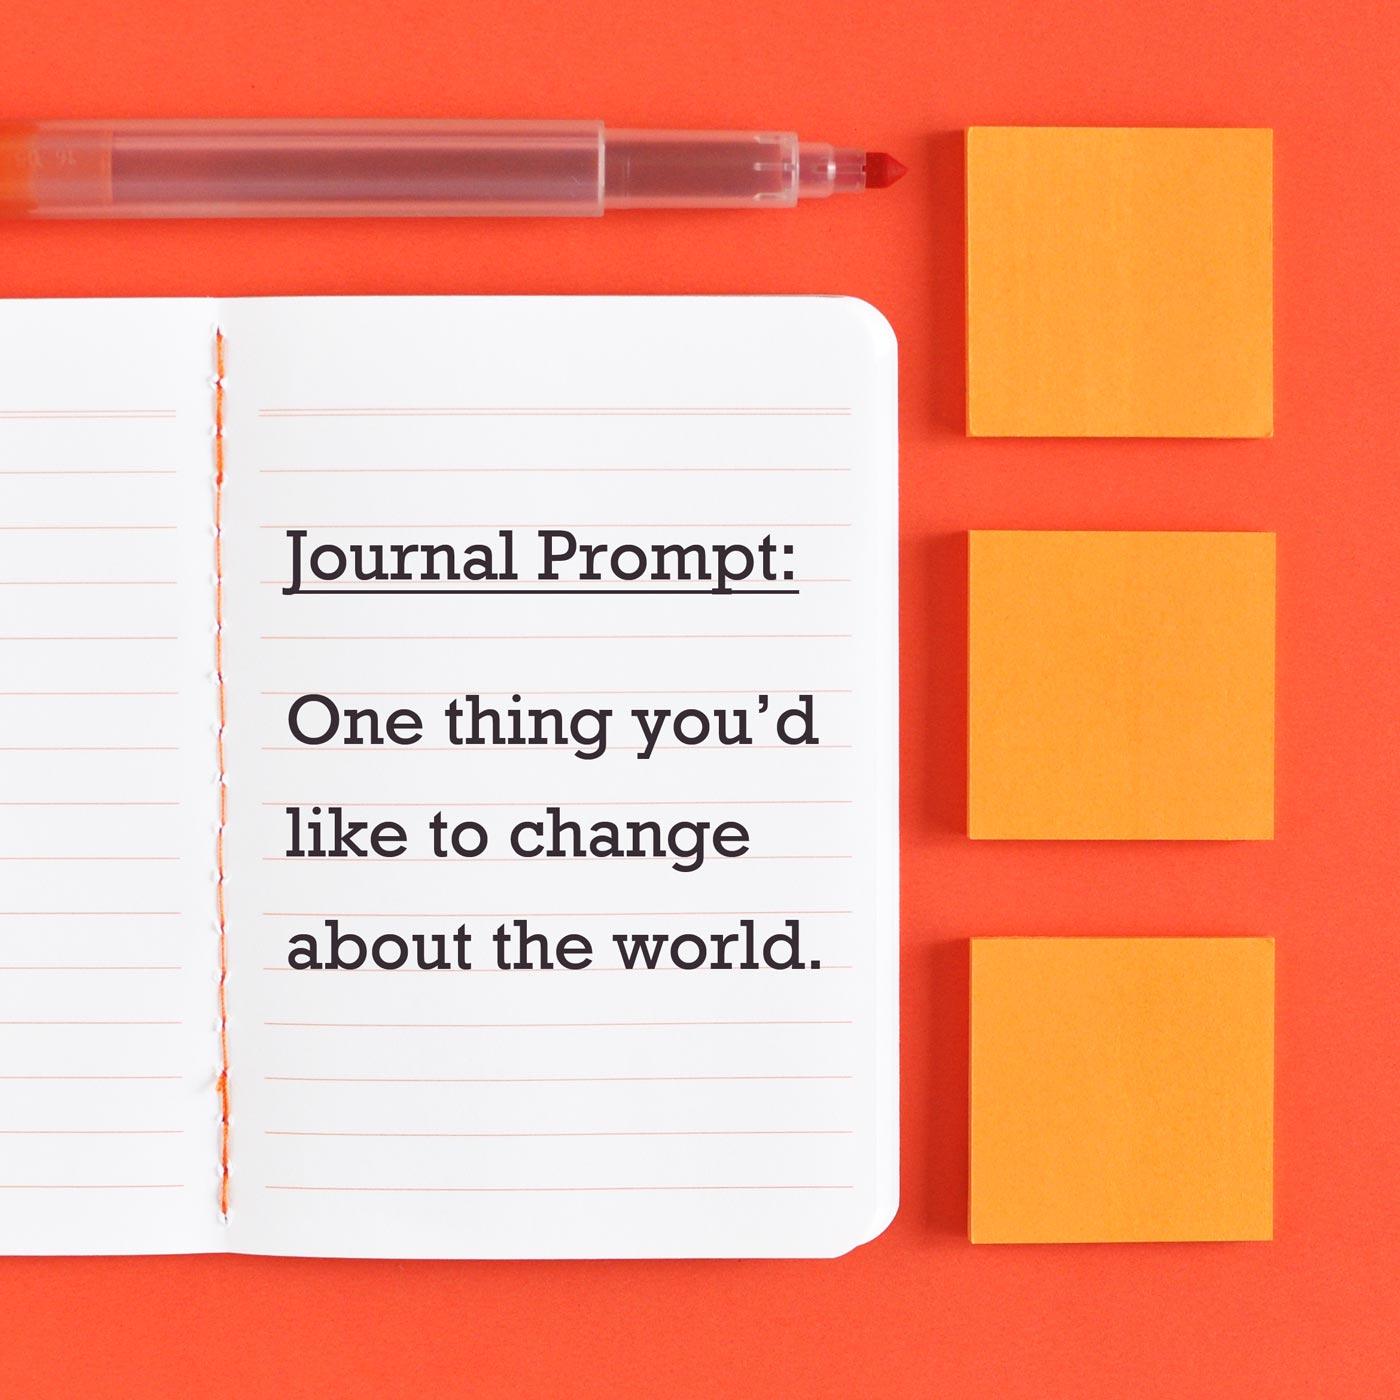 05-03-2018---Journal-prompt-by-Christie-Zimmer.jpg